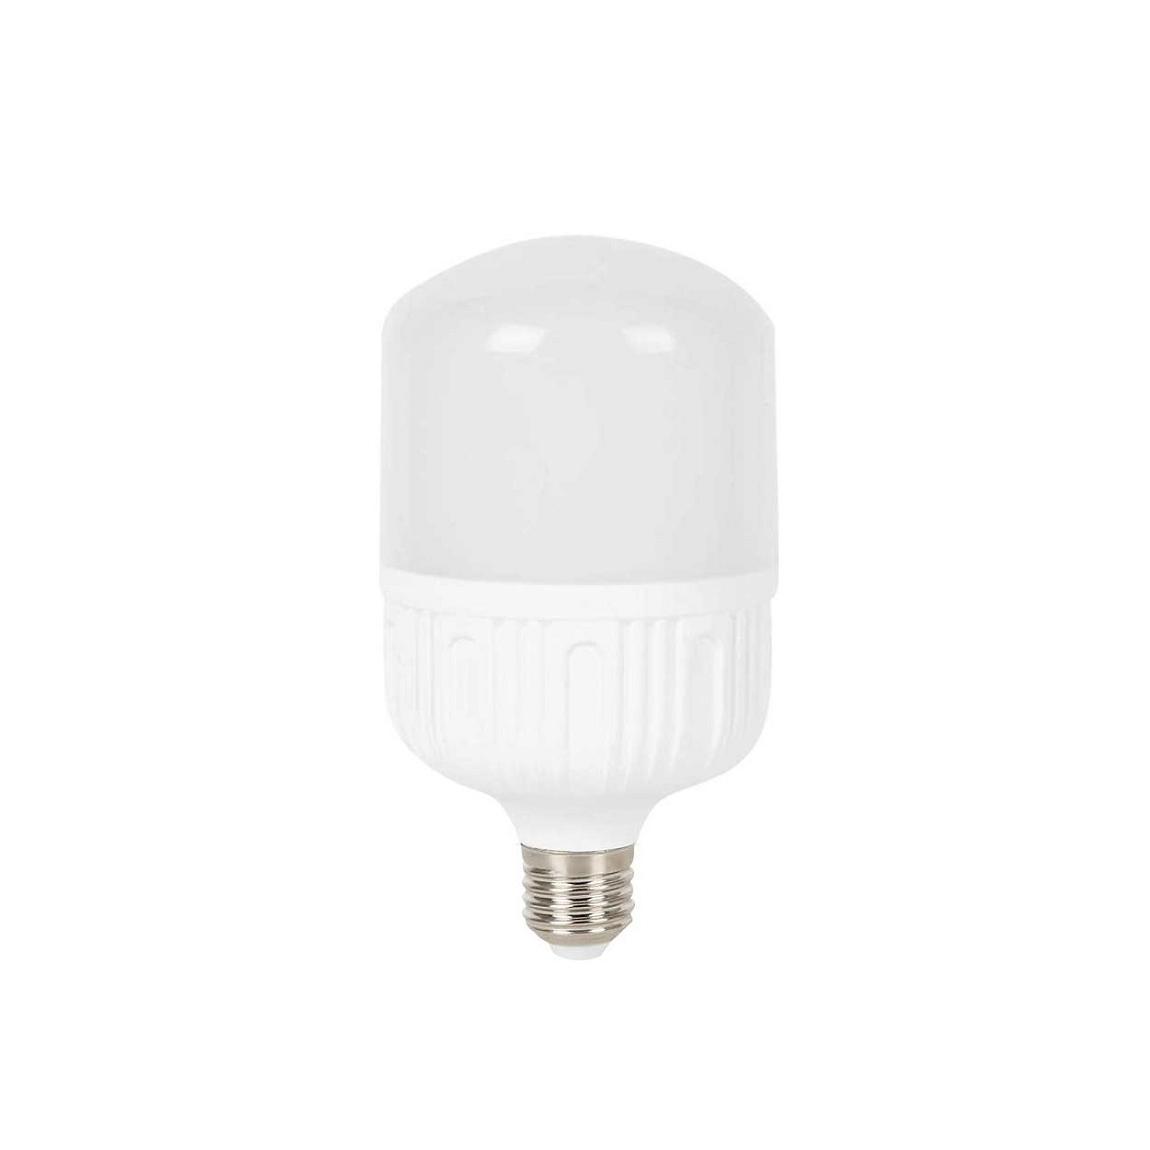 FORLIFE FL-1246 - 18 Watt LED Torch Ampul